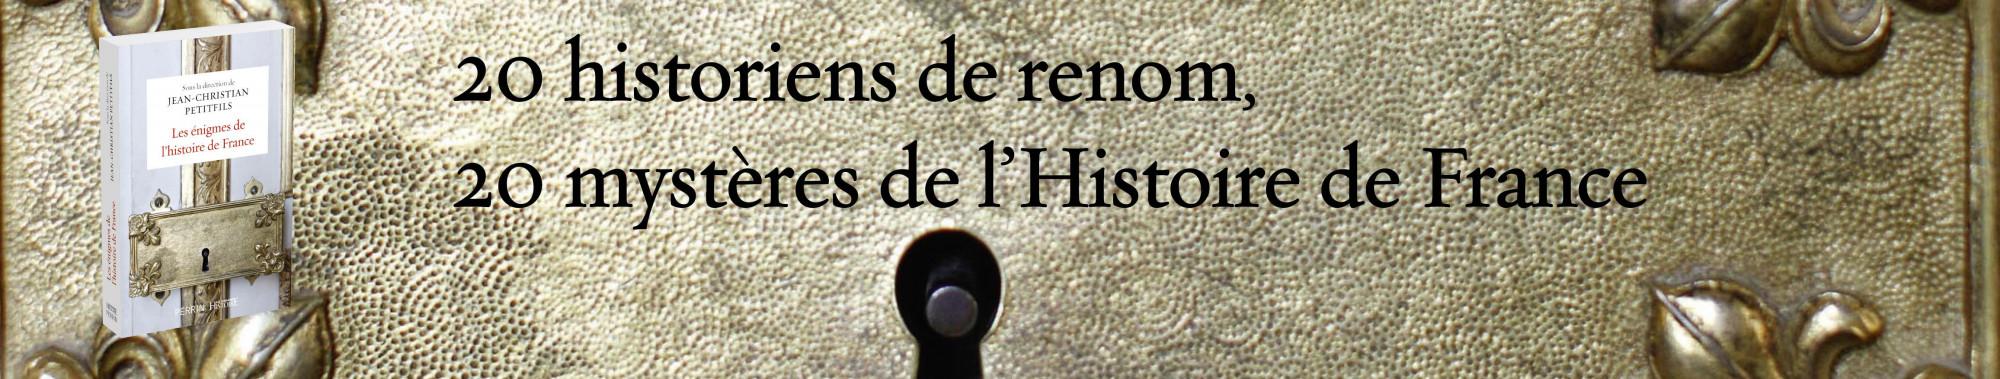 1801179 Mysteres et enigmes Histoire de France